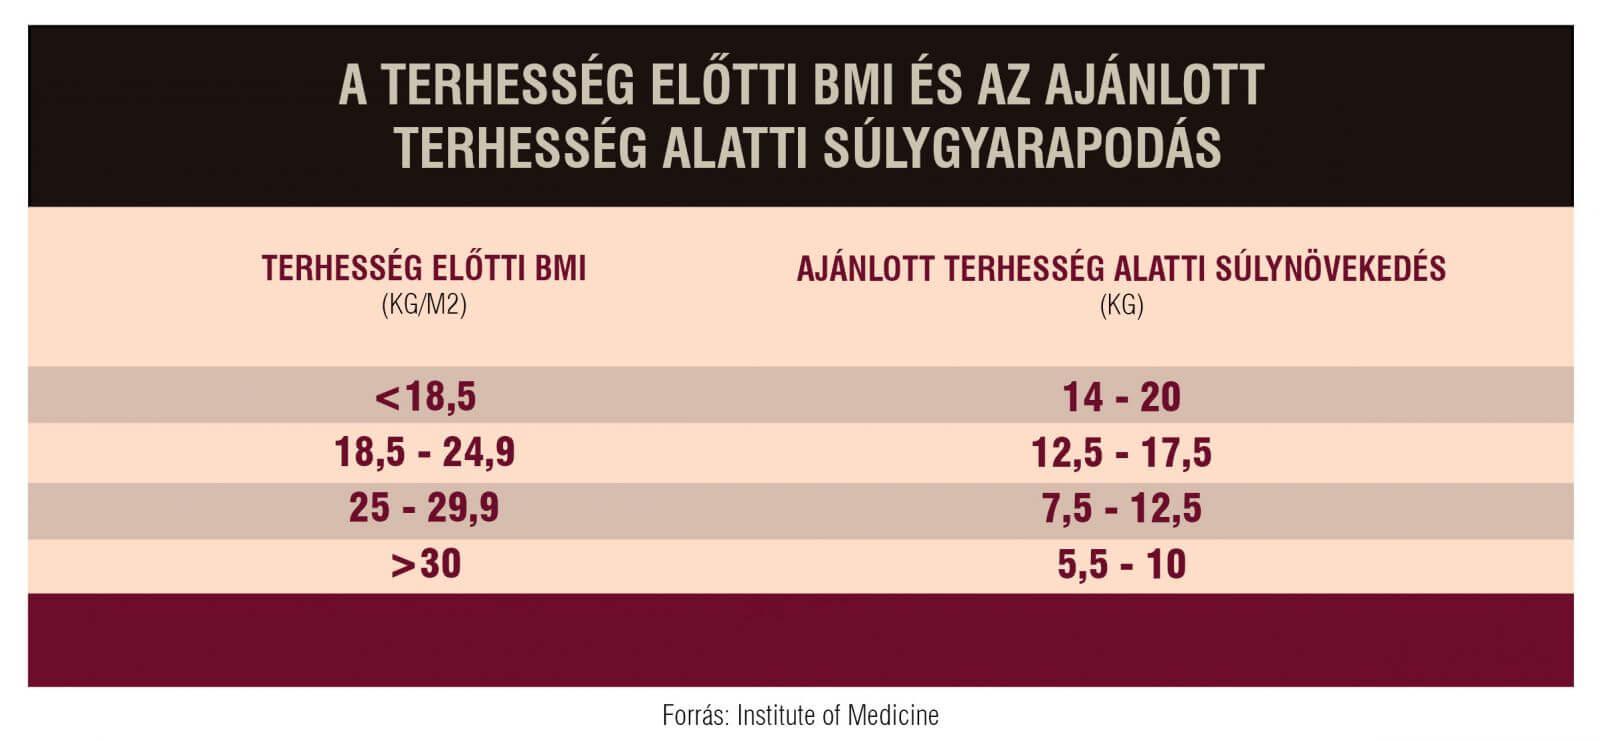 várandósság alatti súlynövekedés táblázat